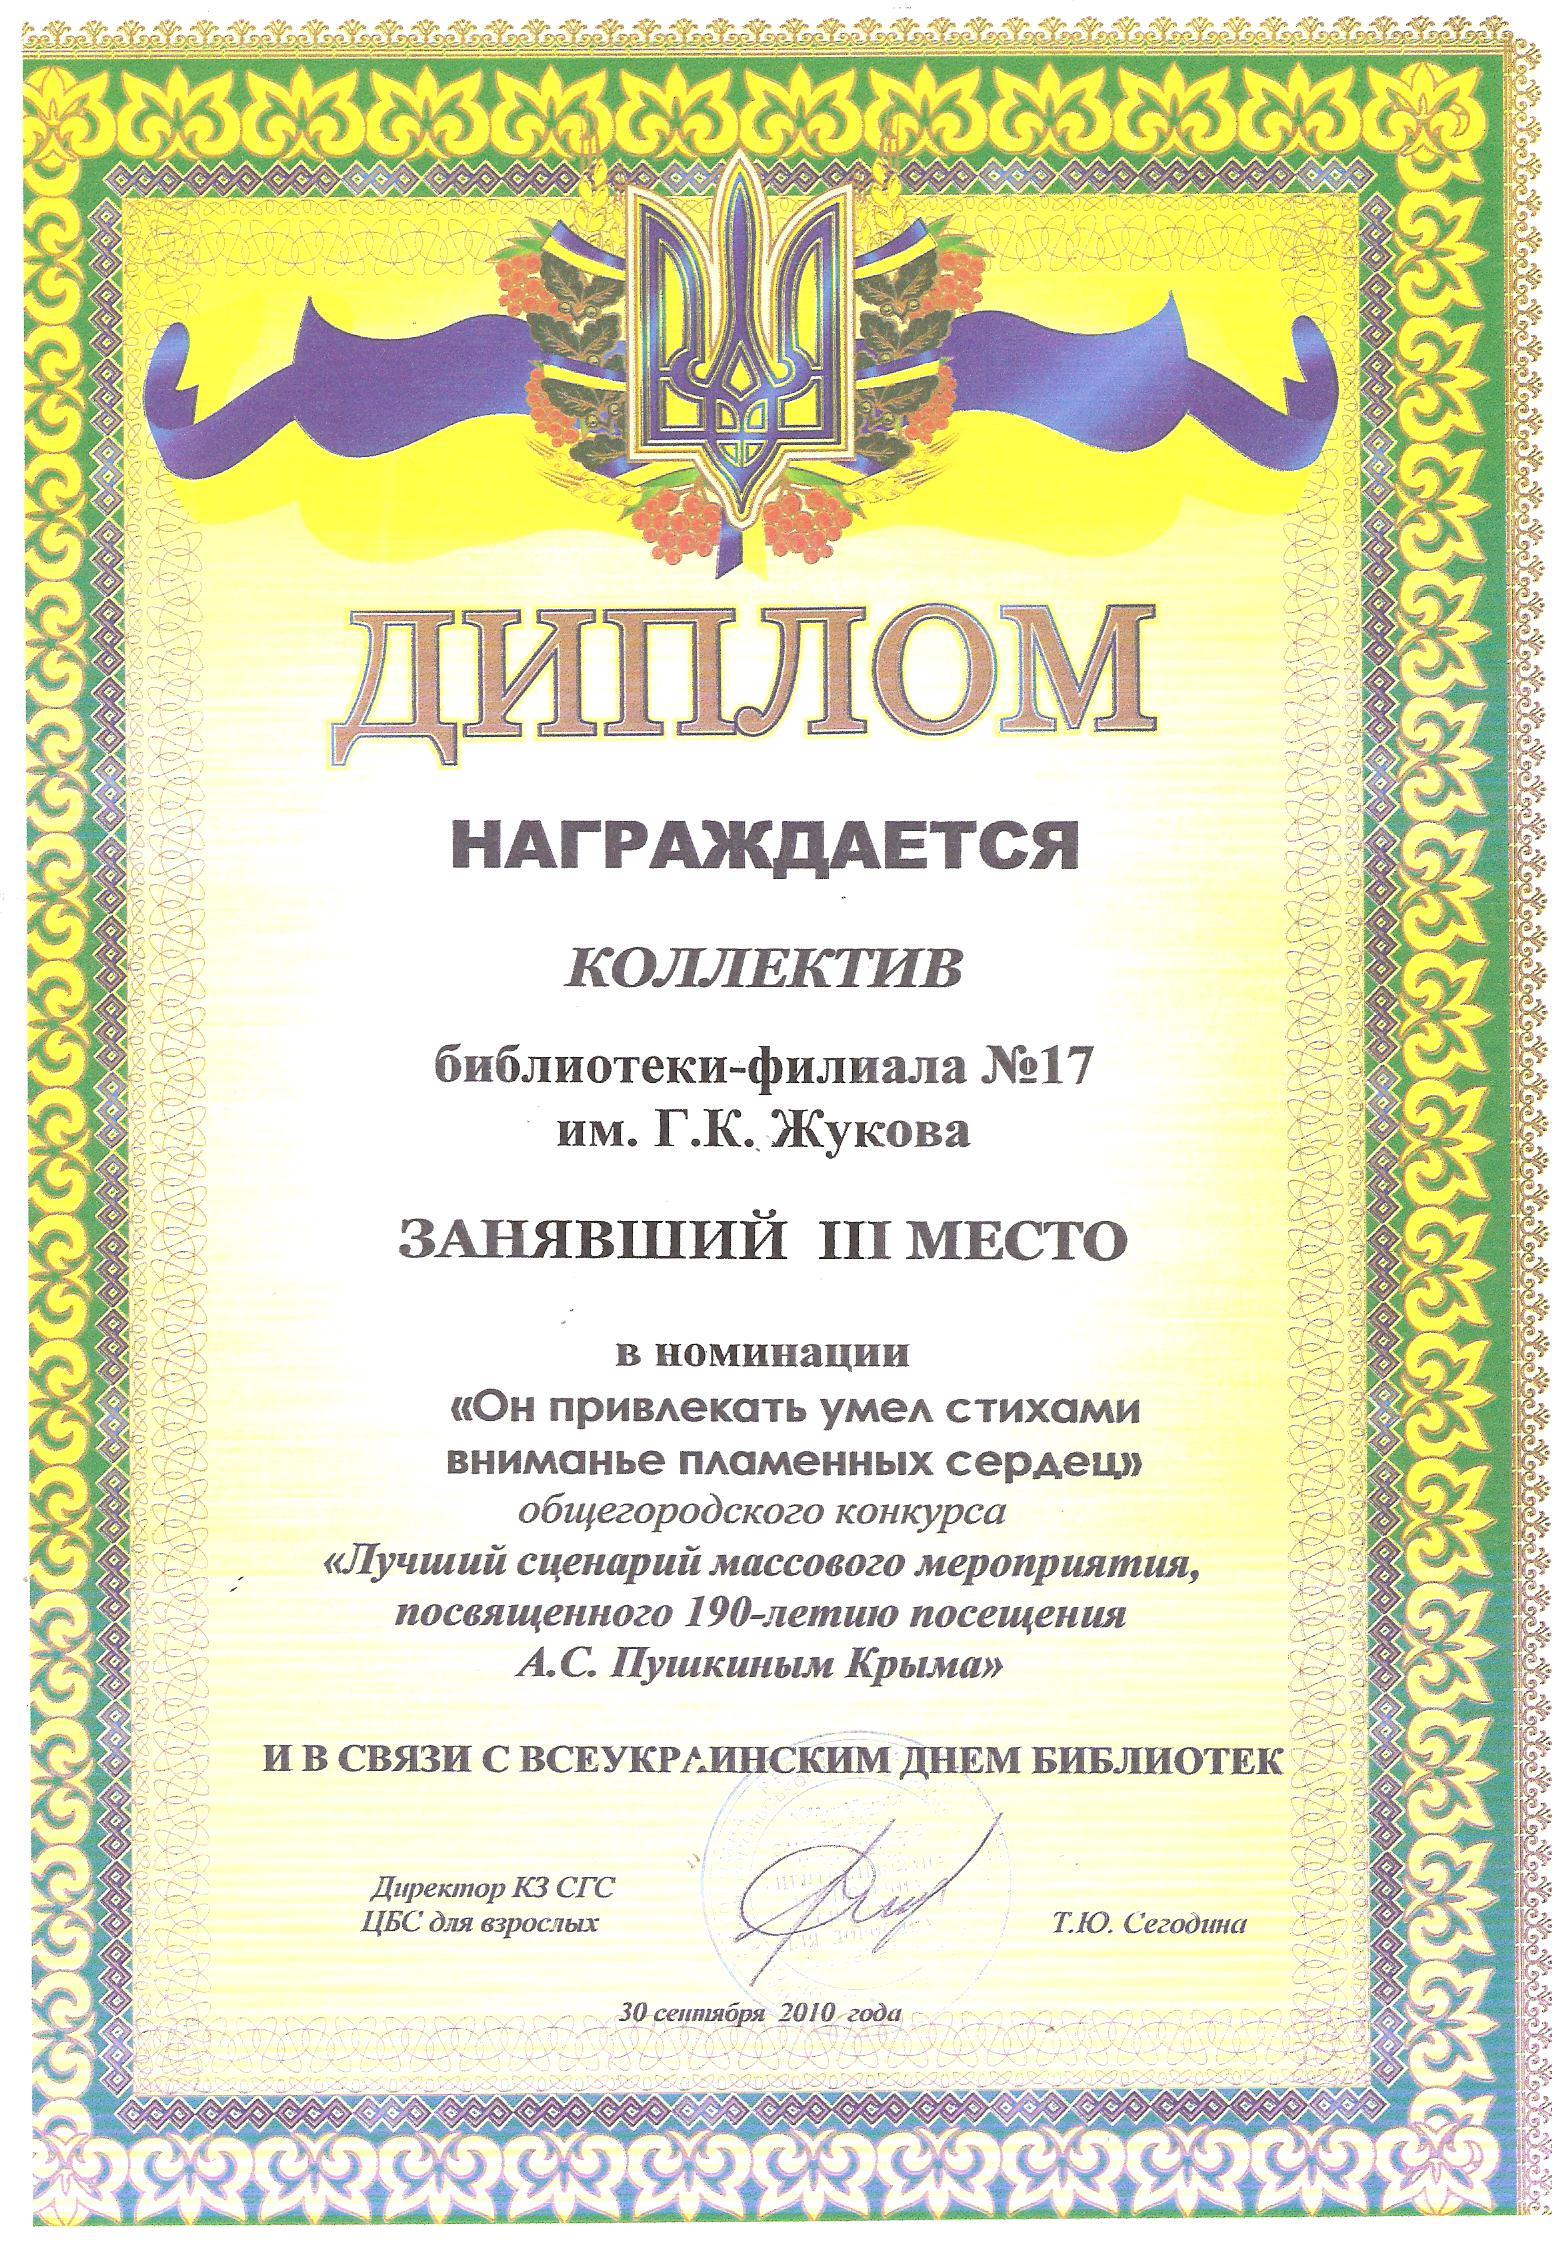 Диплом, Пушкин,2010,библиотека-филила 17 жукова